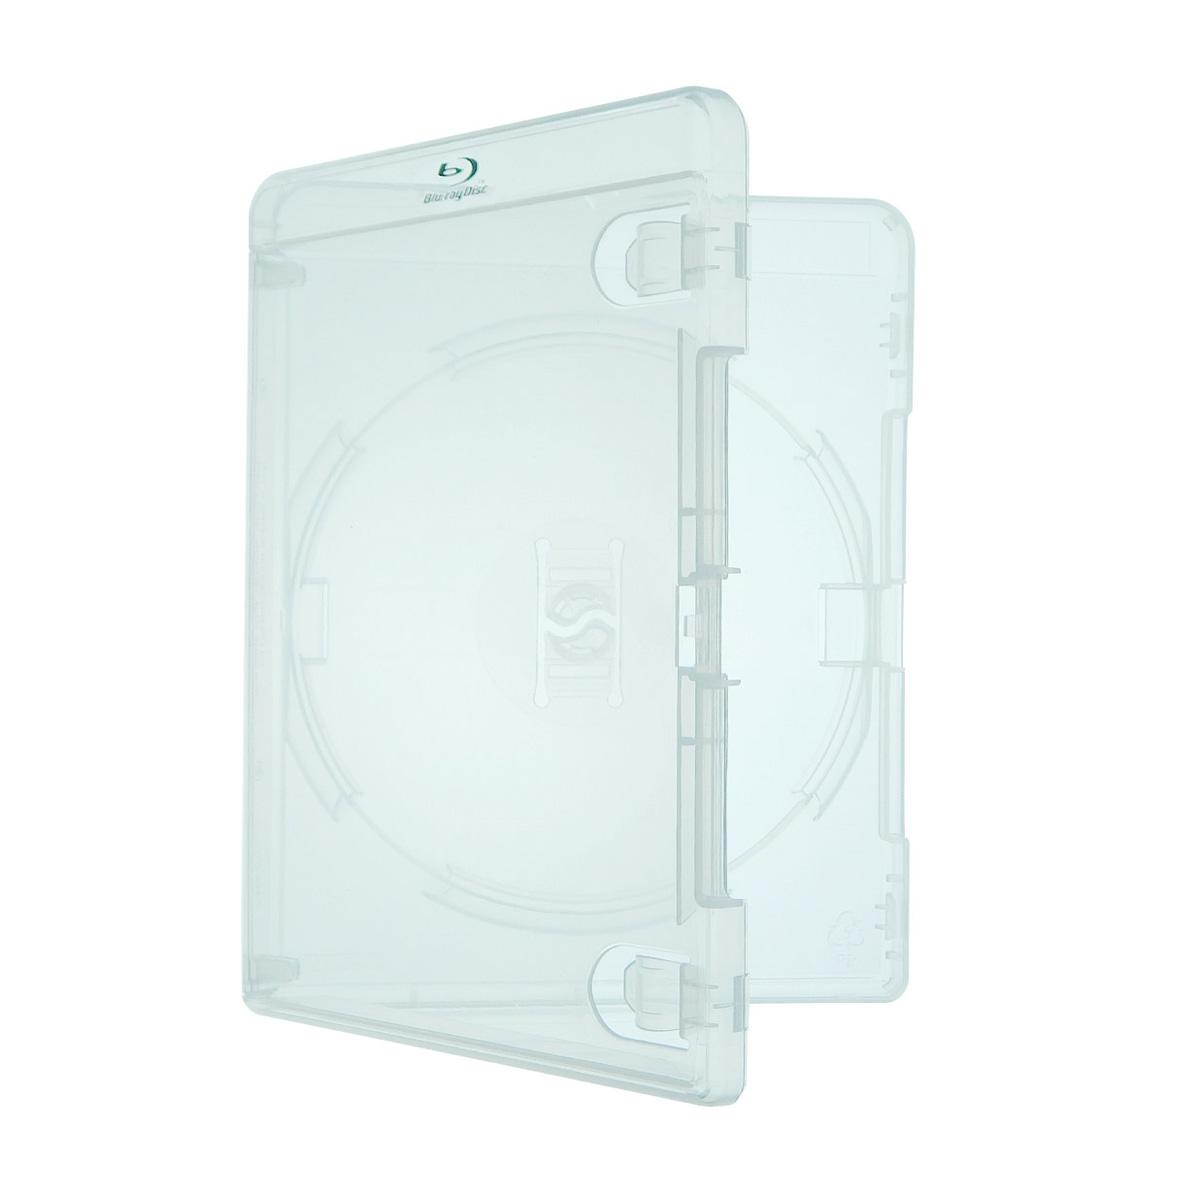 Estojo Capa Caixa Box Bluray Transparente Amaray Com Logo